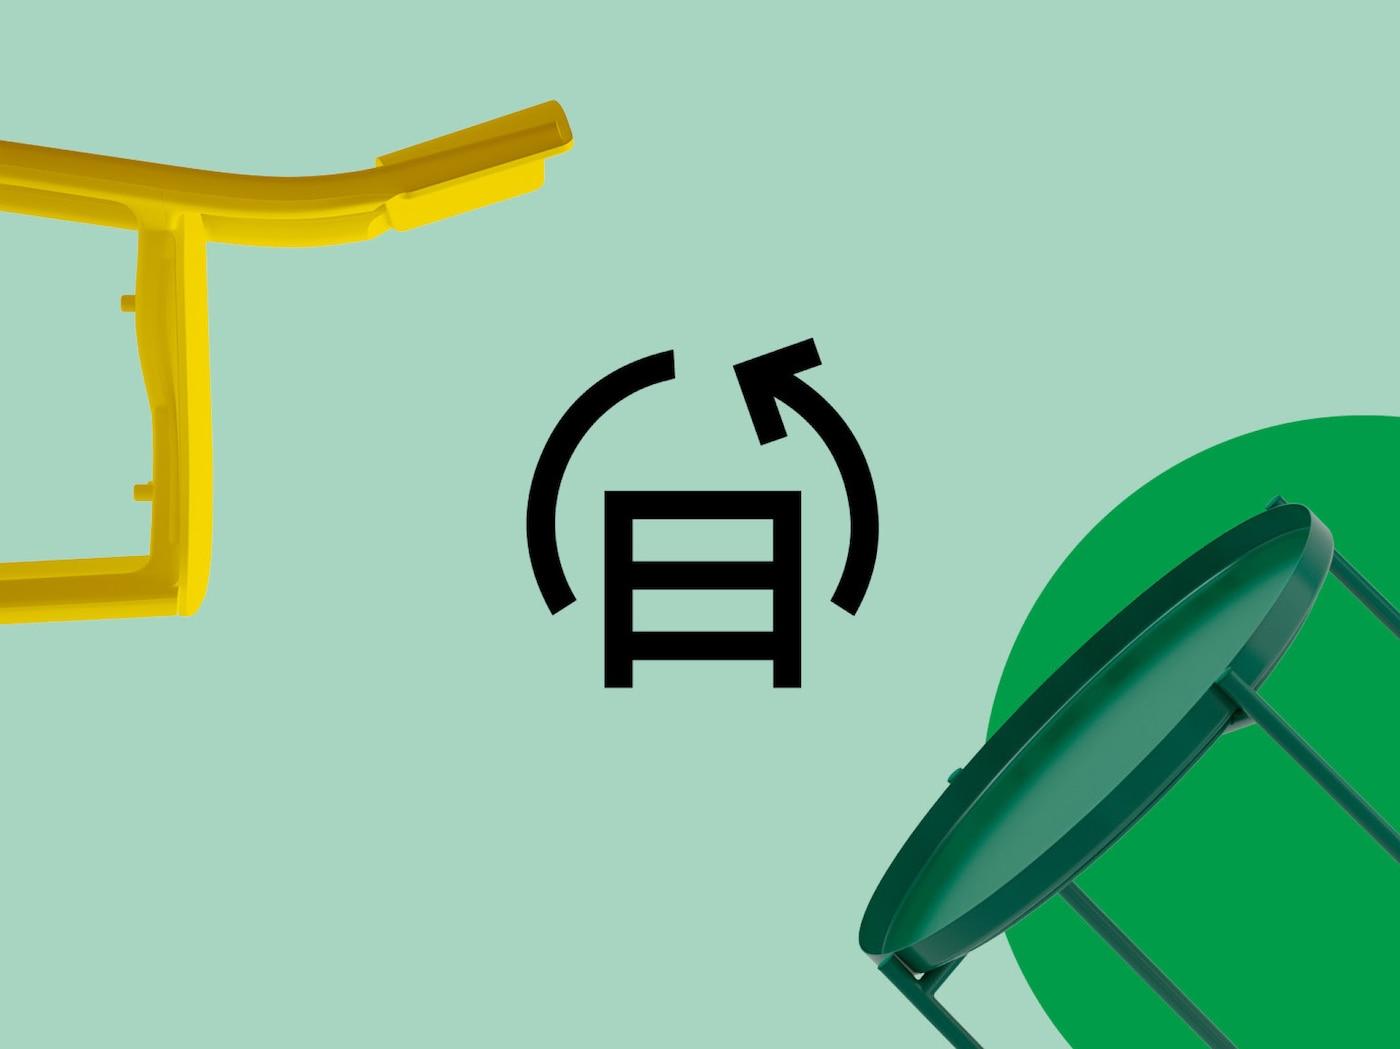 Komadi nameštaja lebde na zelenoj pozadini. Na sredini se vidi simbol za uslugu otkupa i preprodaje u kompaniji IKEA.